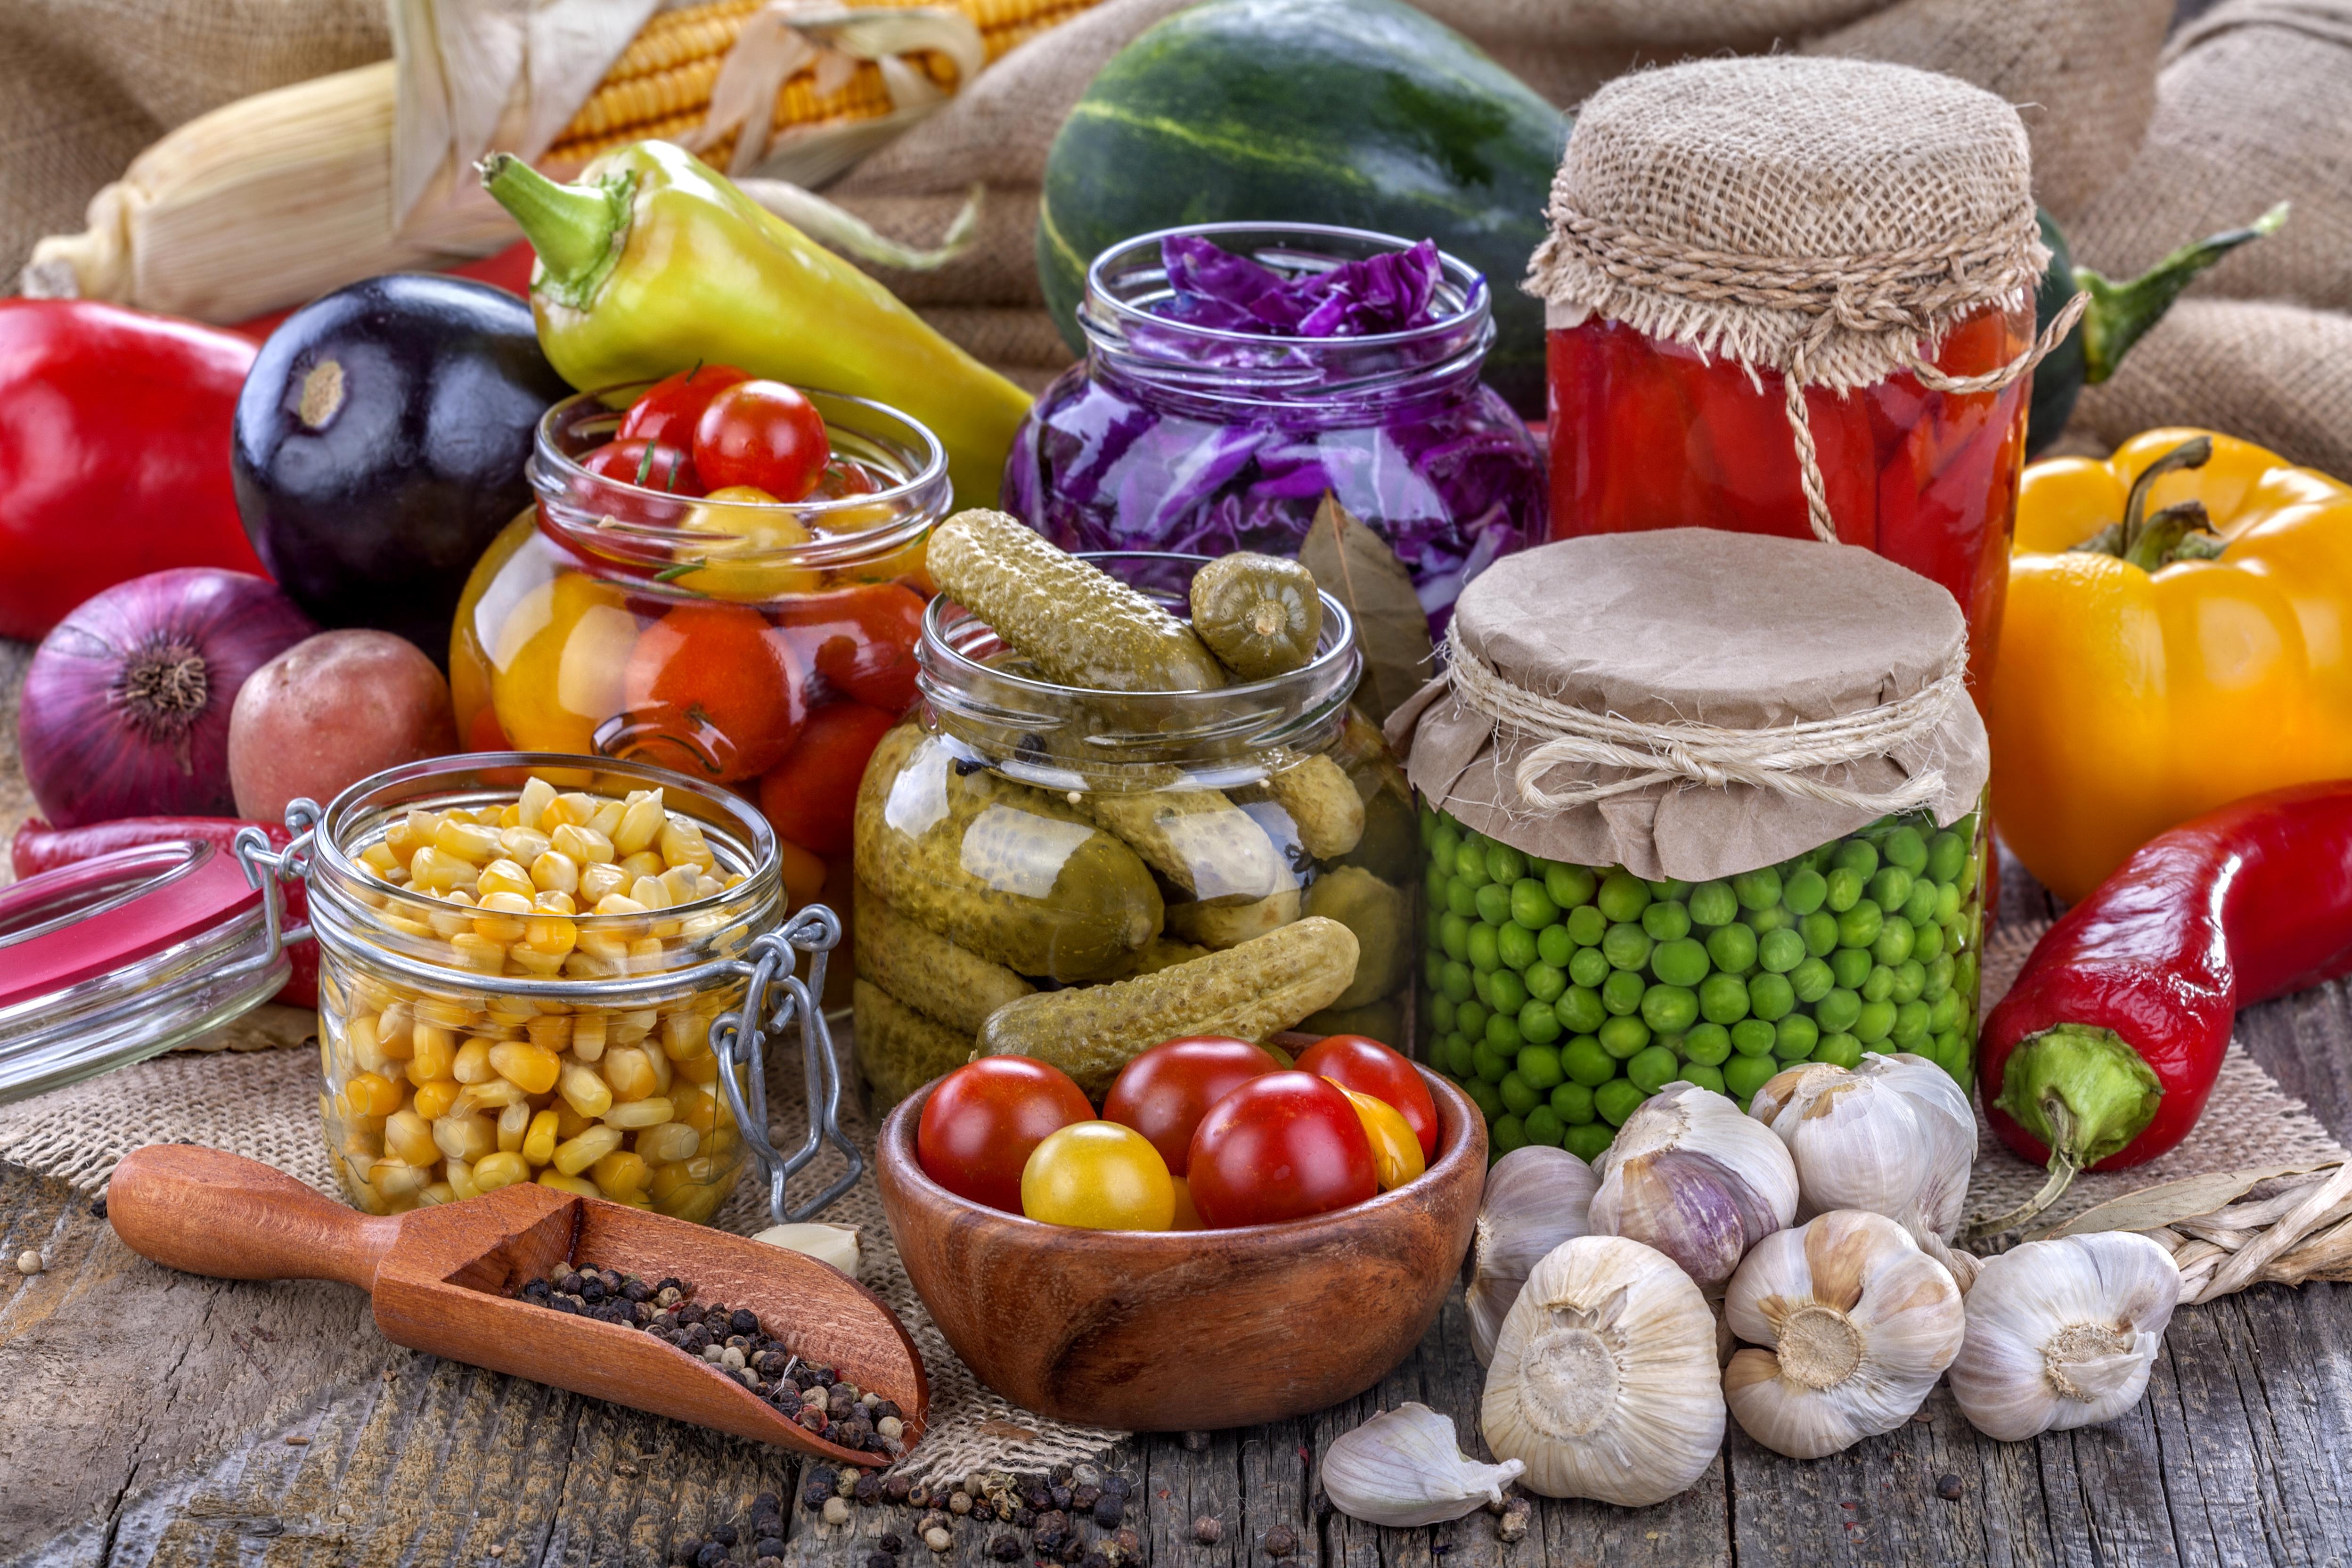 овощи грибы фрукты бесплатно